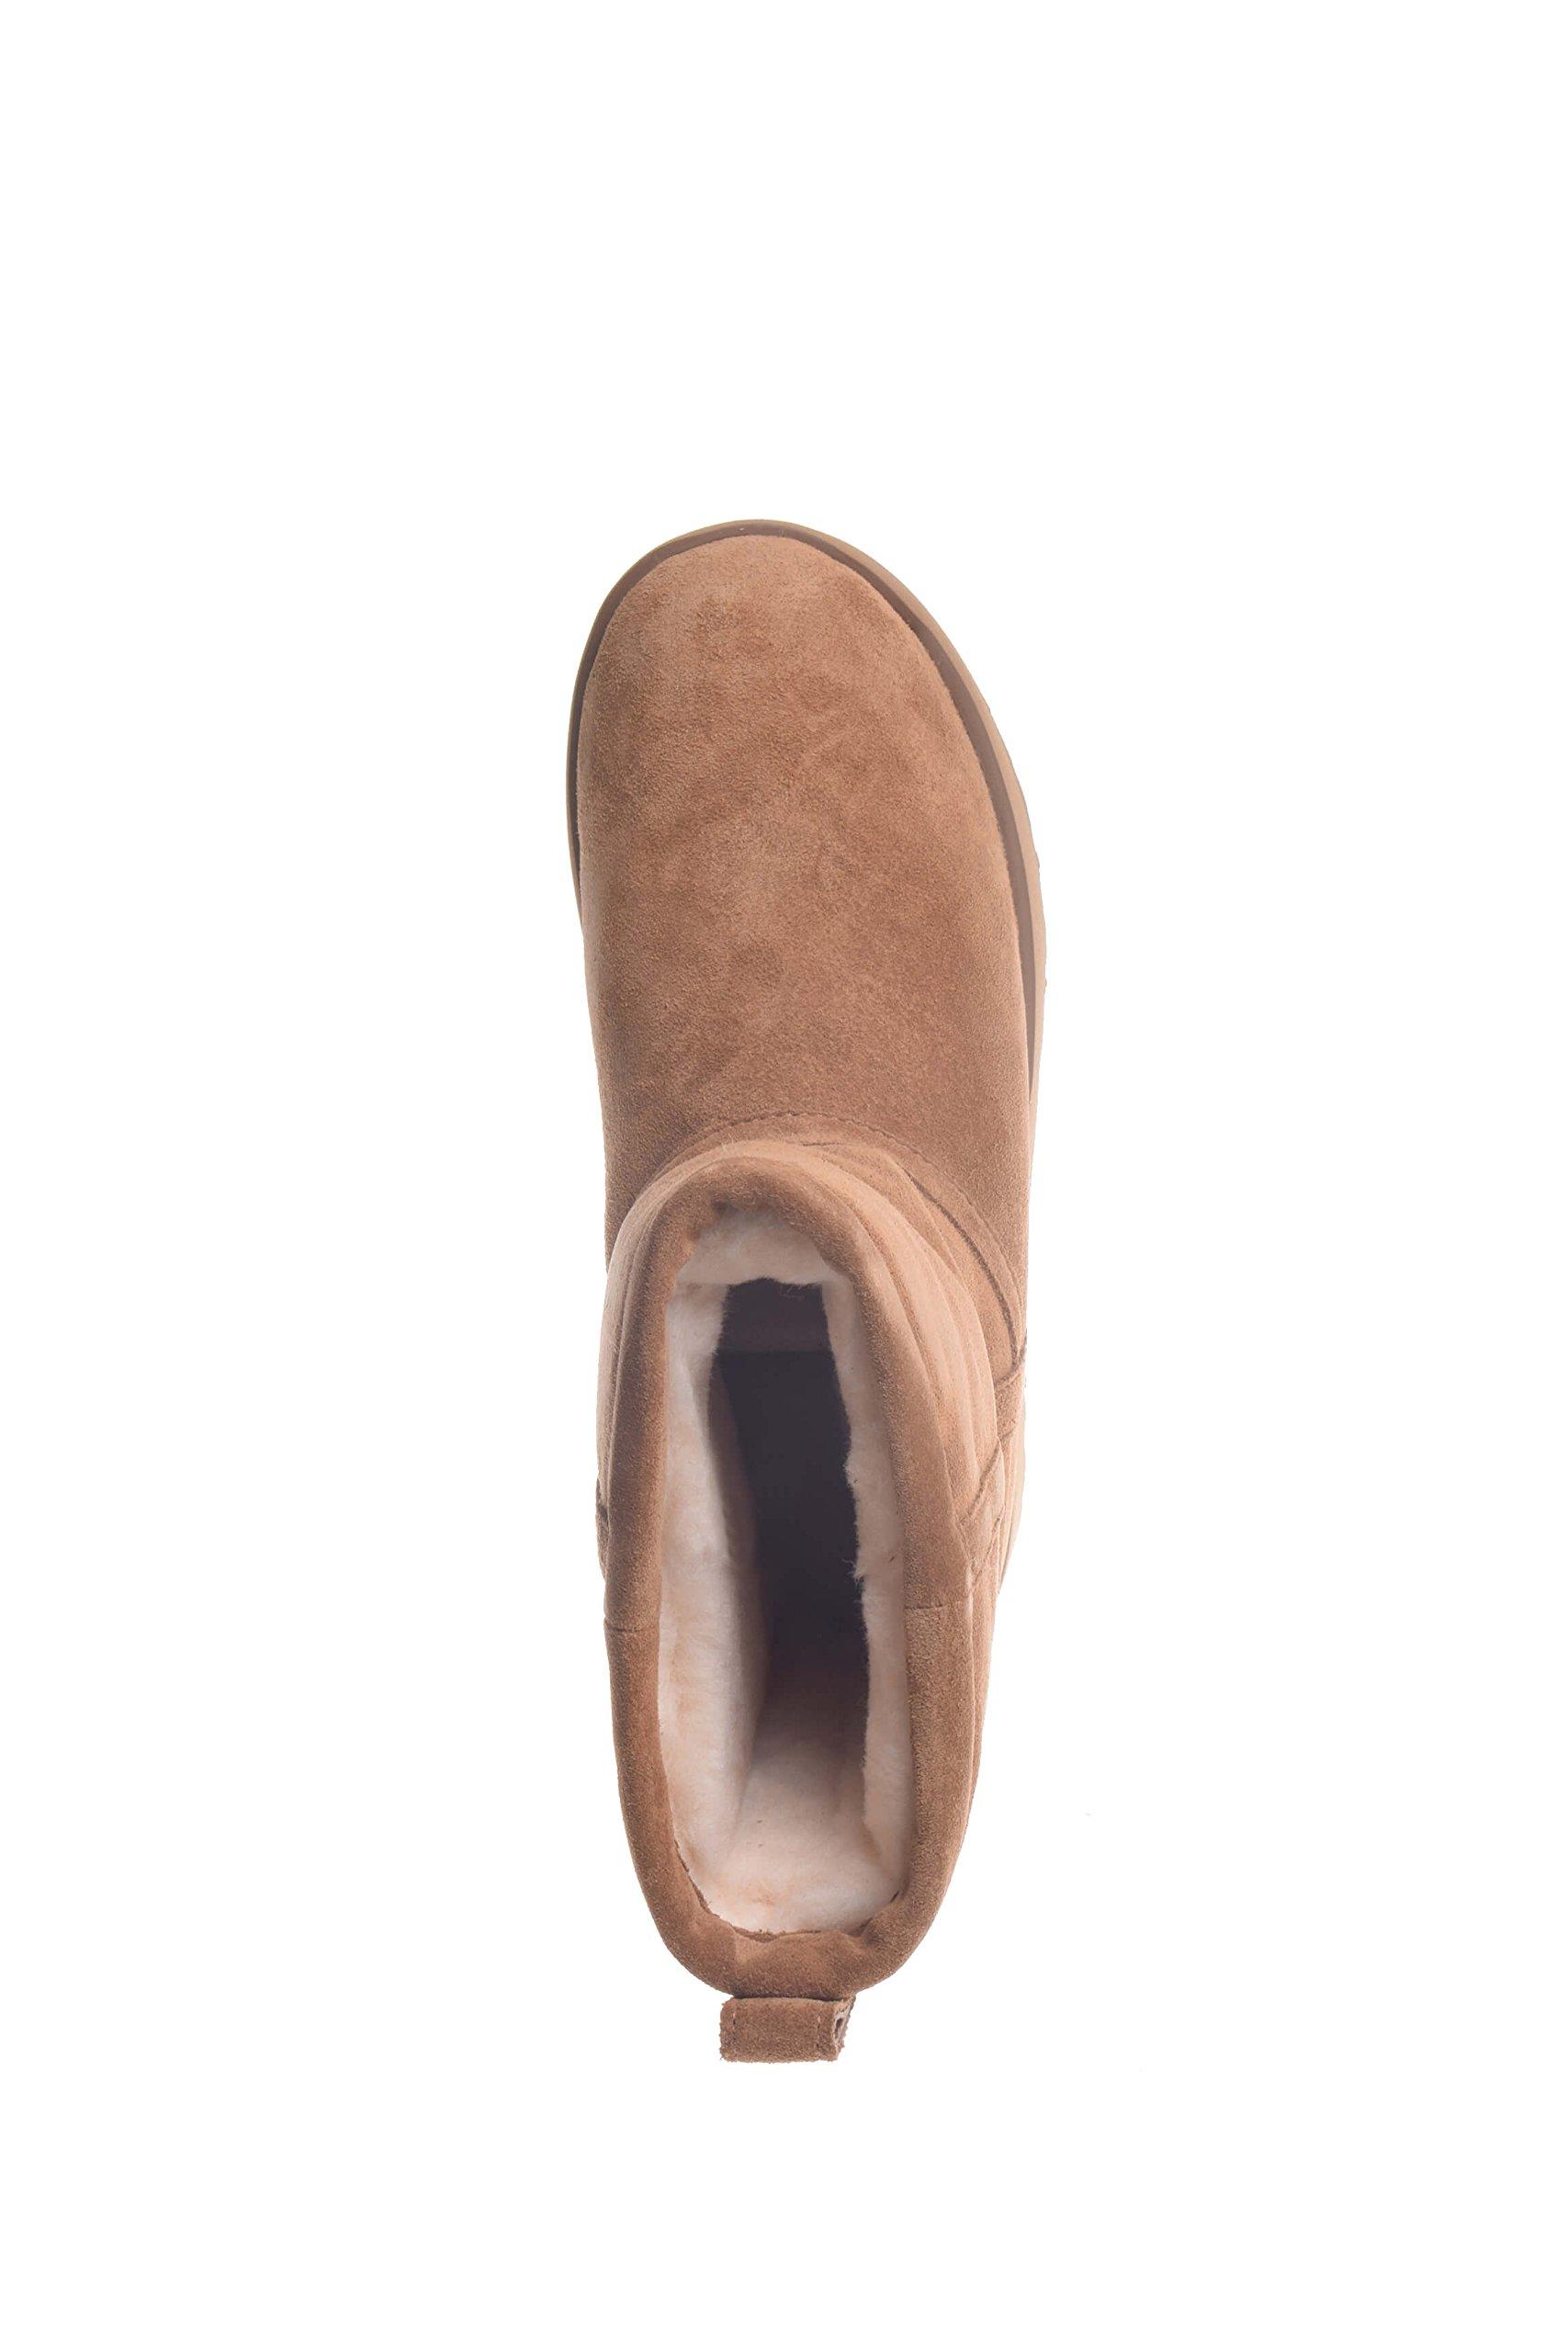 UGG Women's Classic Short Waterproof Snow Boot